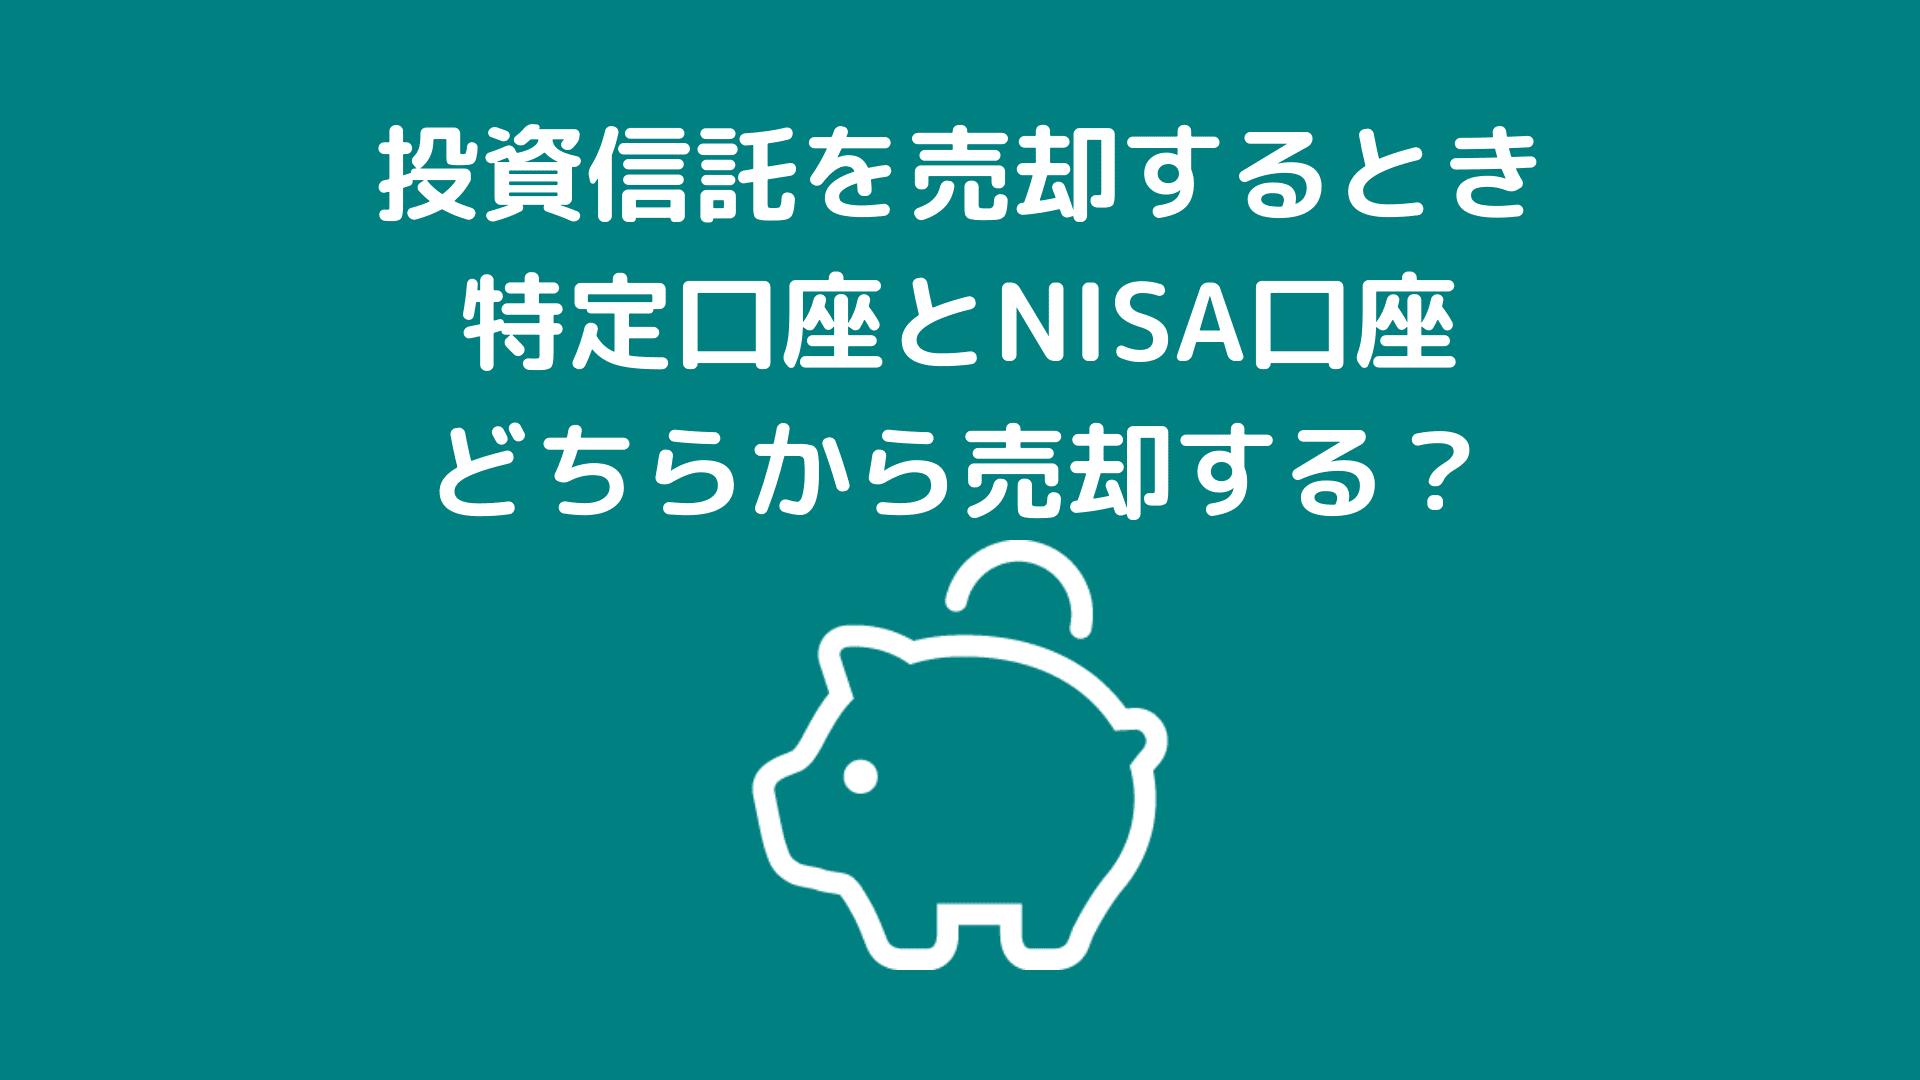 投資信託を売却するとき特定口座とNISA口座どちらから売却する?